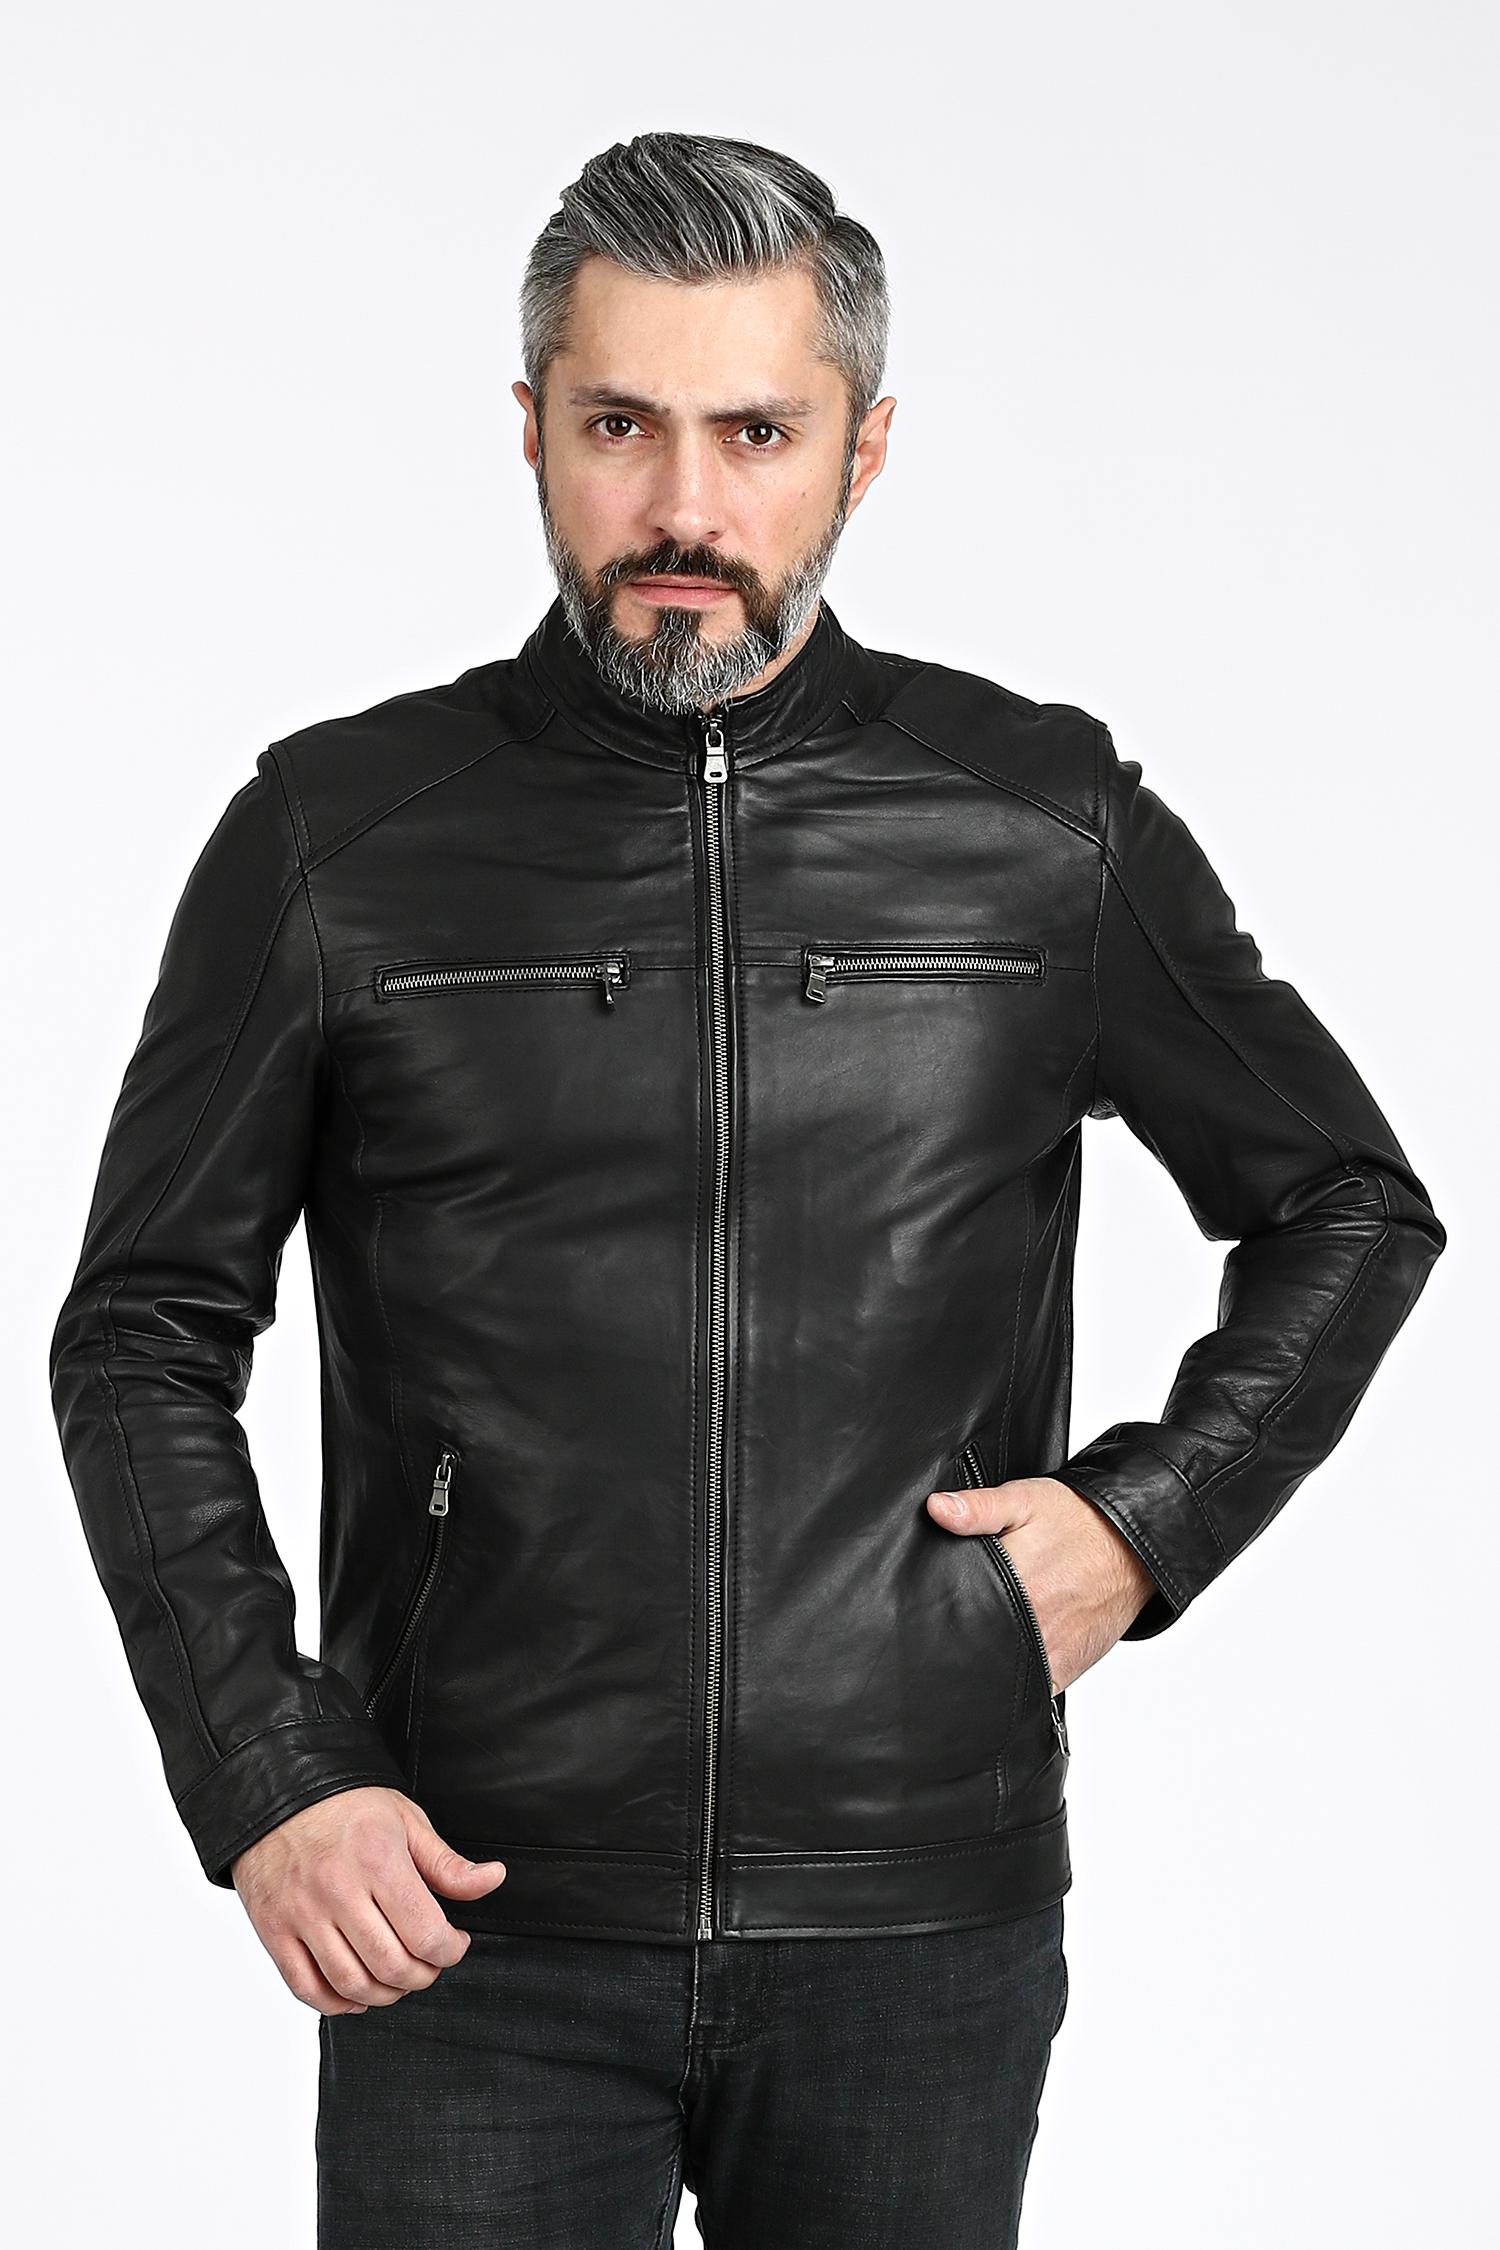 Мужская кожаная куртка из натуральной овчины с воротником, без отделки МОСМЕХА